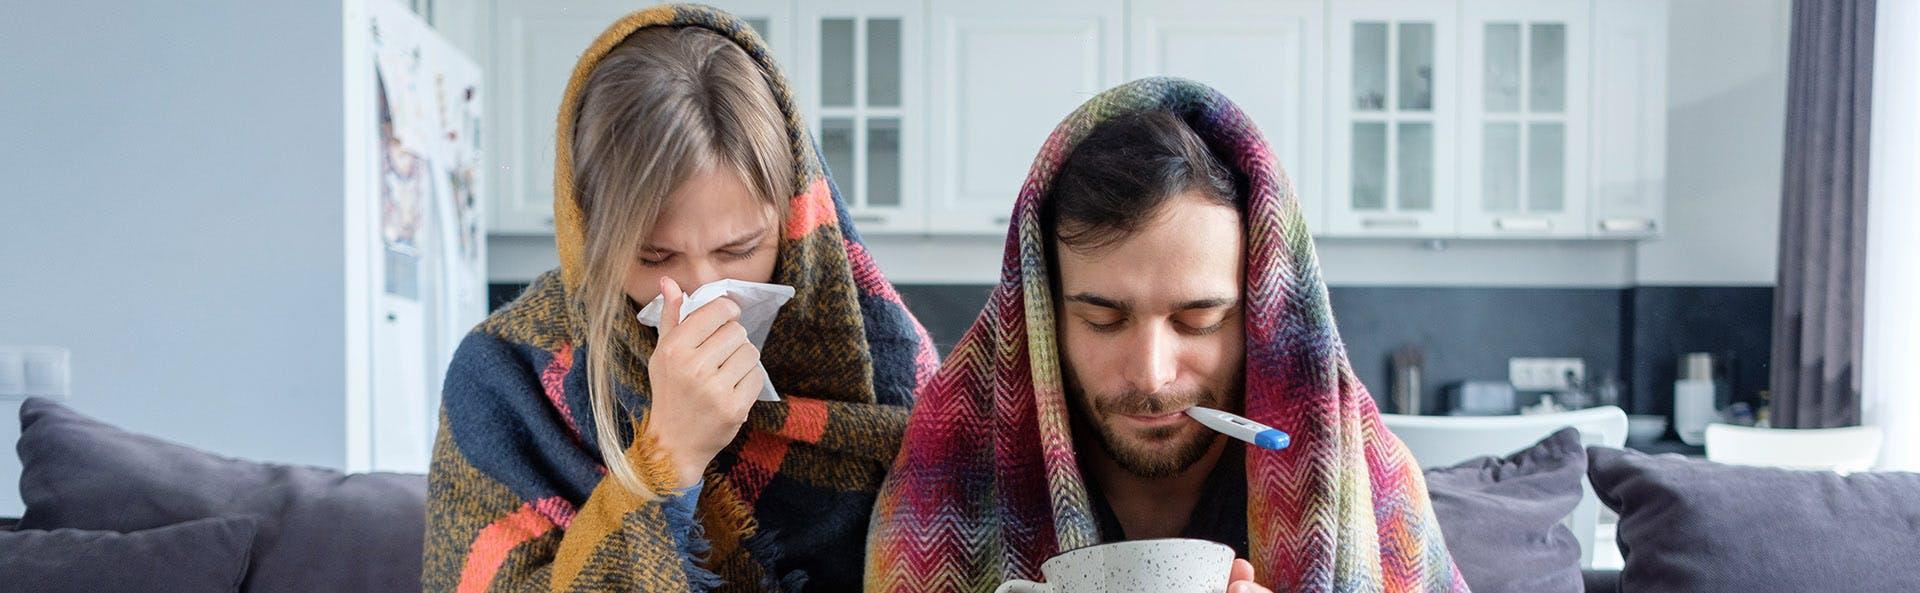 Pareja de hombre y mujer con síntomas gripales.